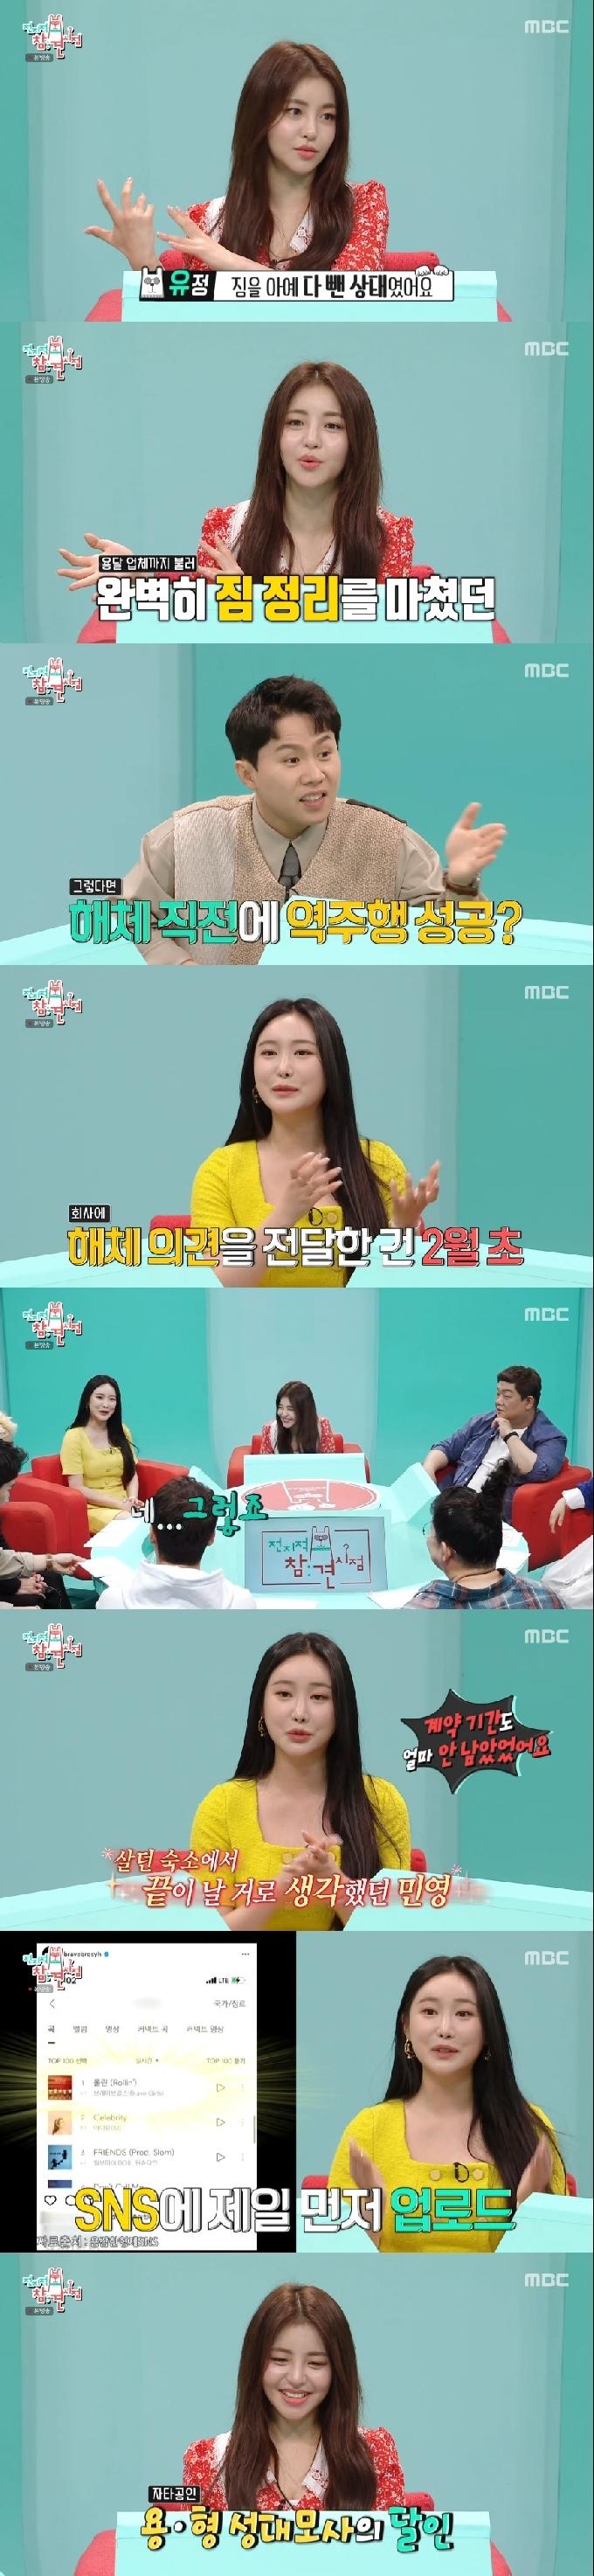 '전참시' 브브걸 민영·유정